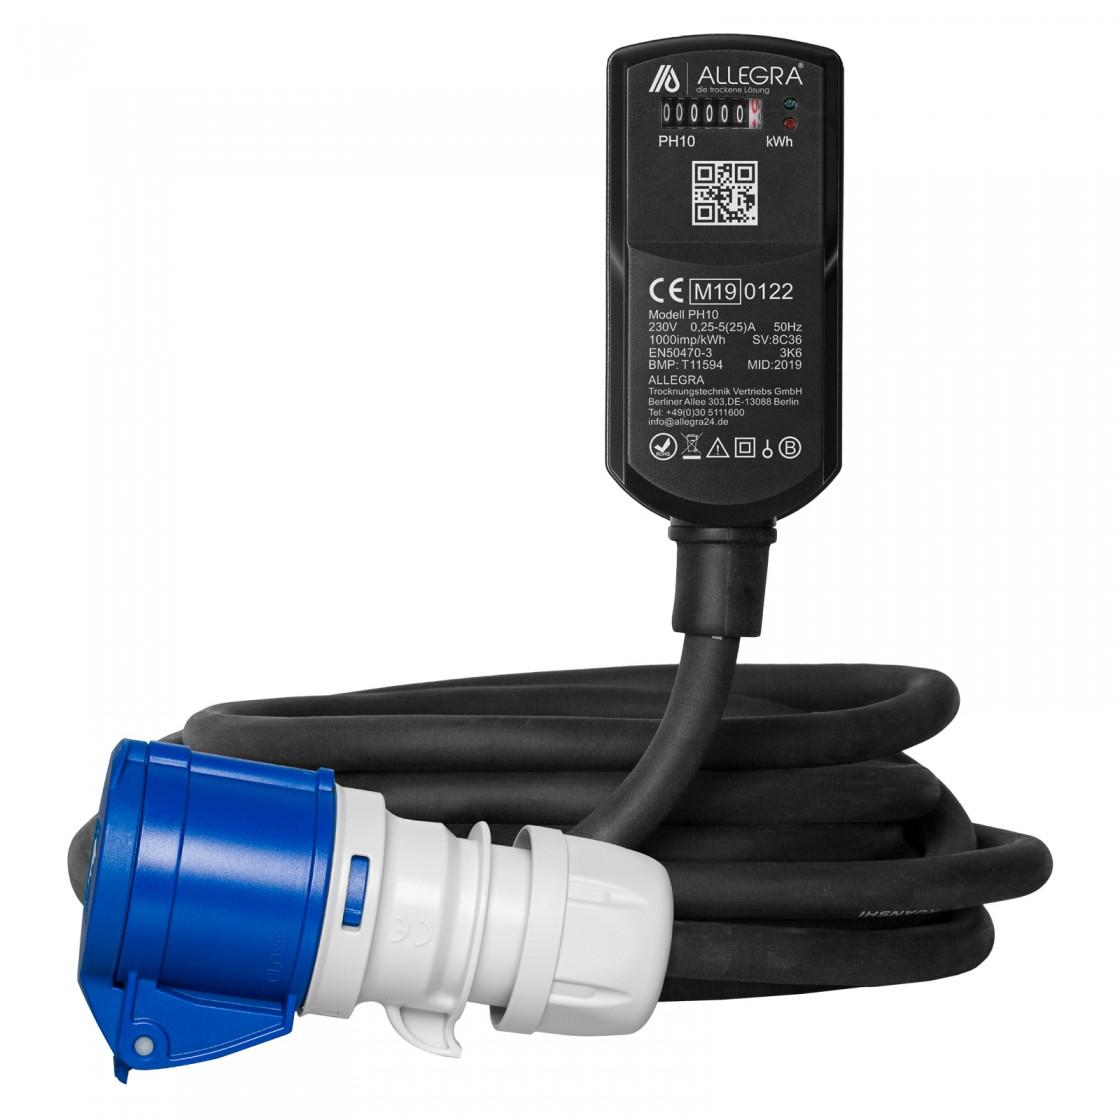 MID Adapterleitung CEE mit Stromzähler PH10   10 m   H07RN-F 3G2,5 mm² - Für Camping und Boote